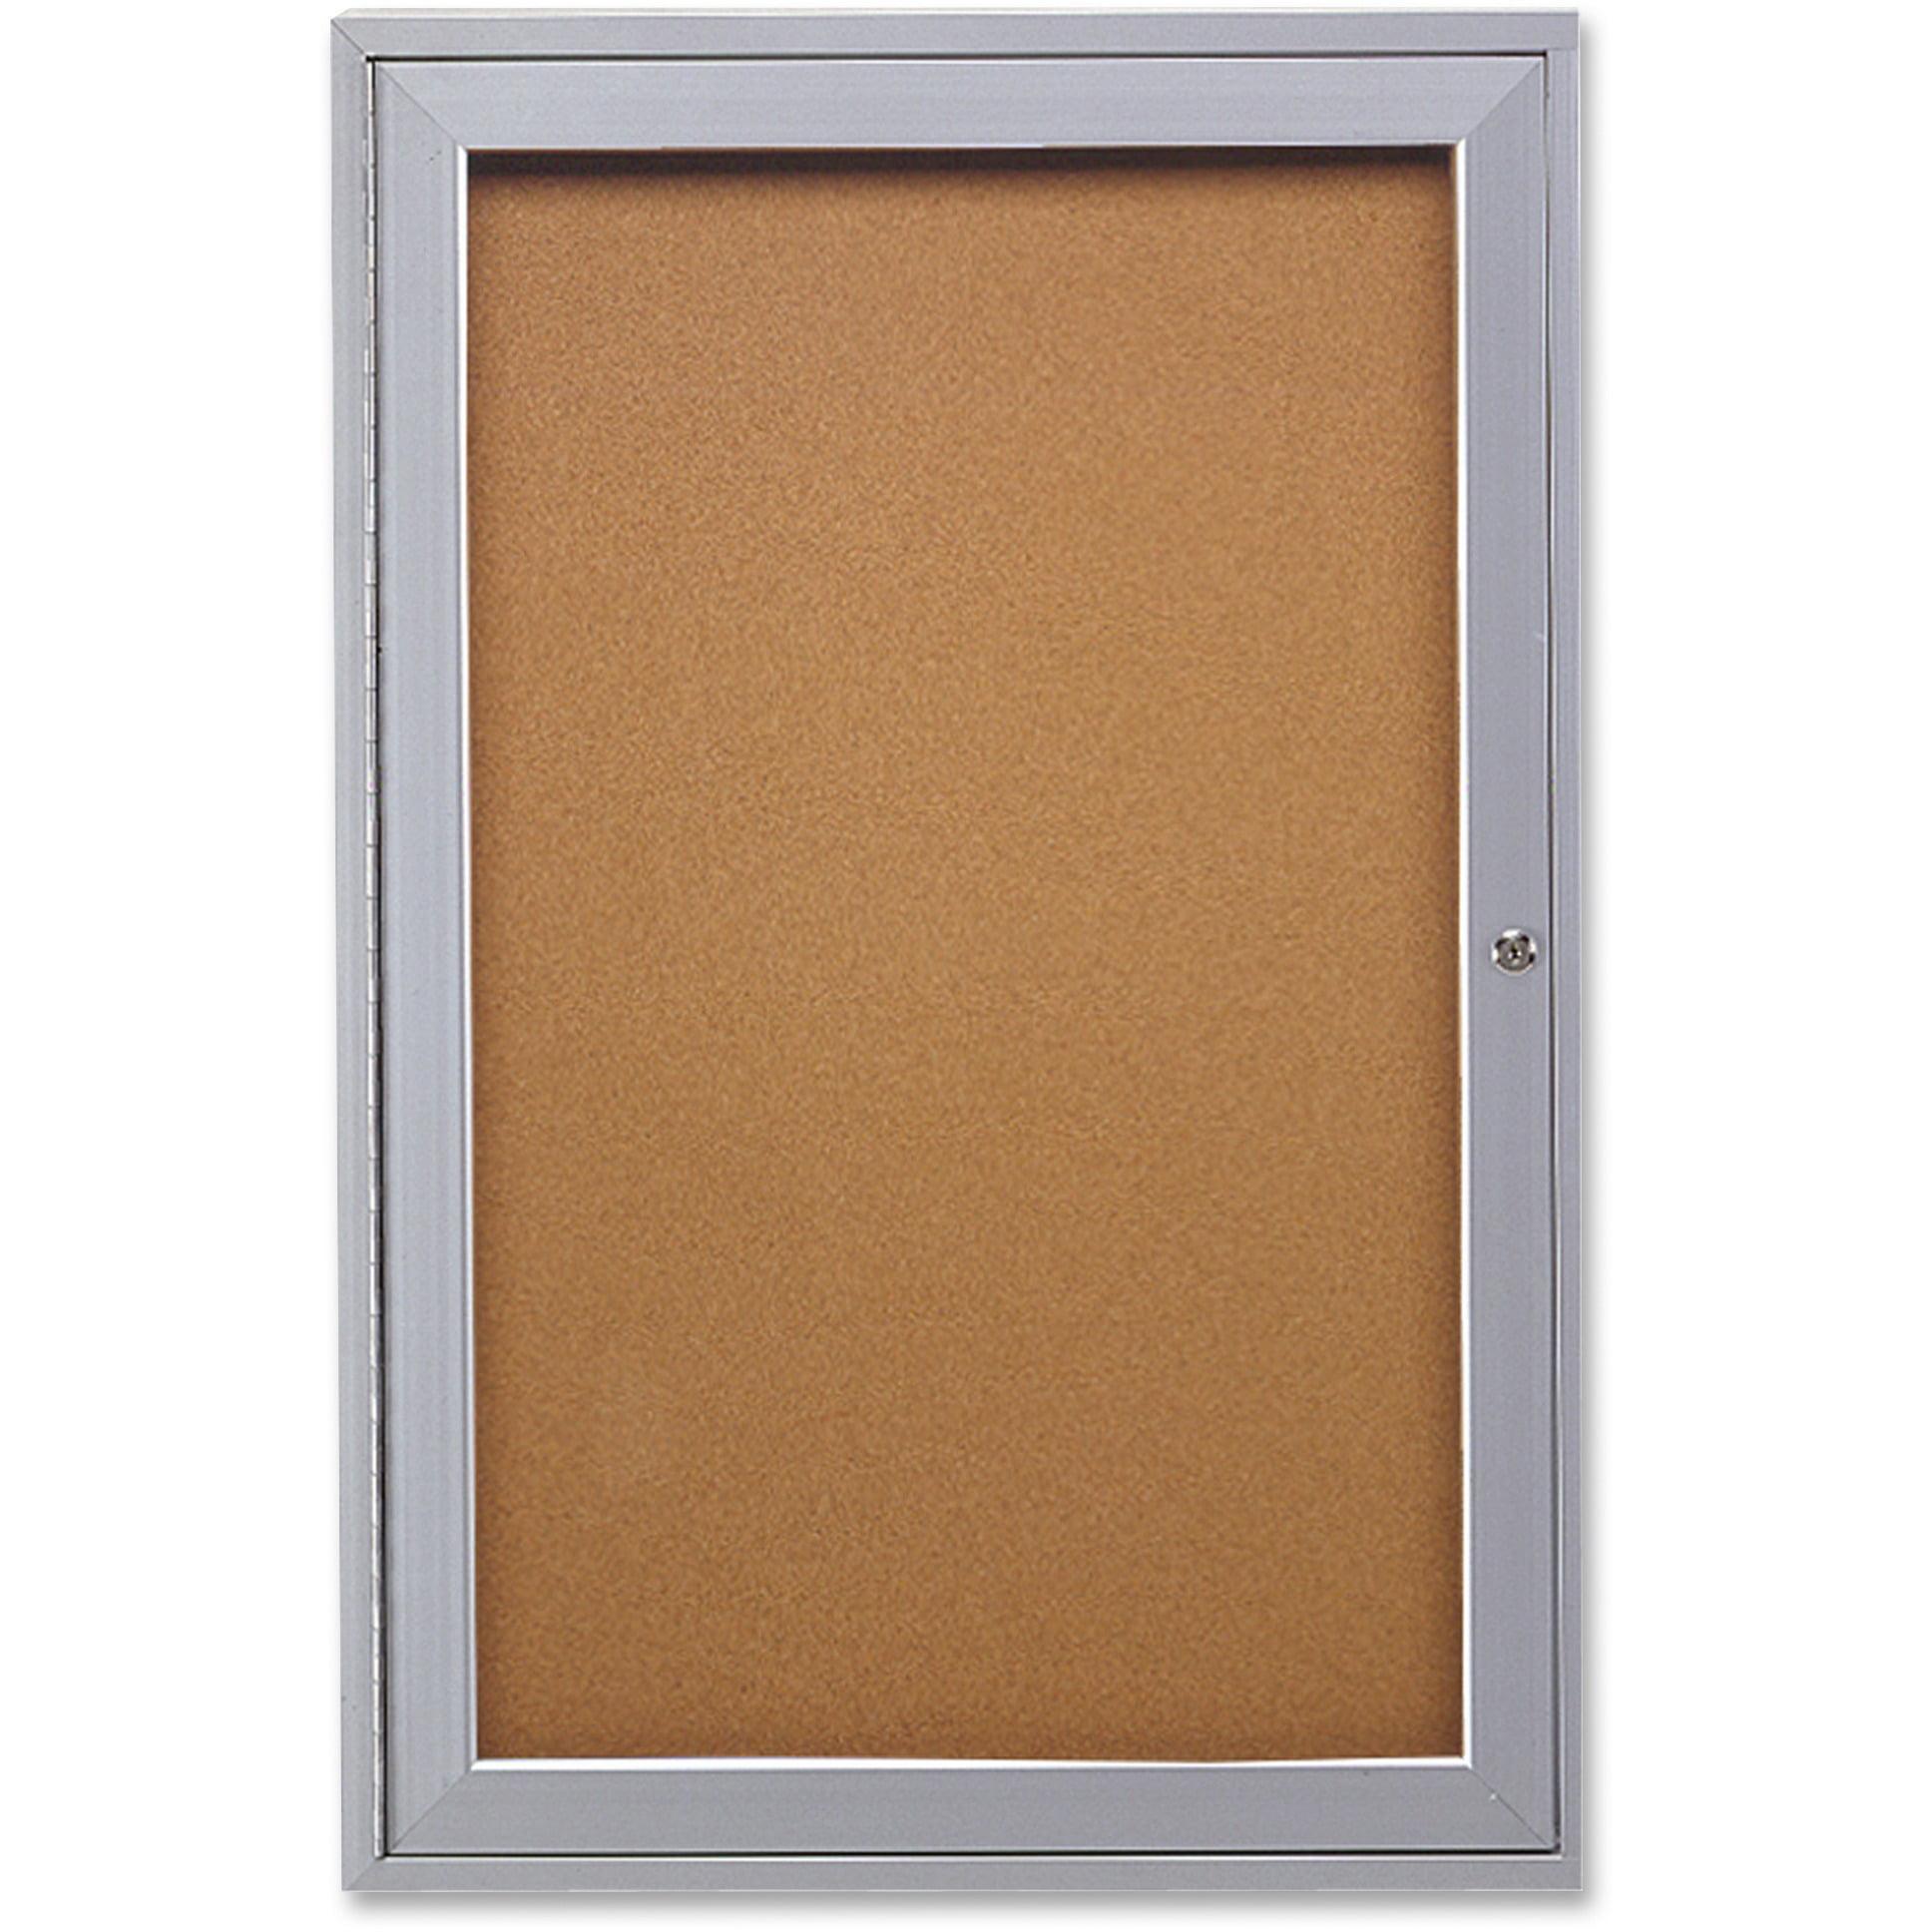 Ghent, GHEPA13624K, 1-door Enclosed Indoor Bulletin Board, 1 Each